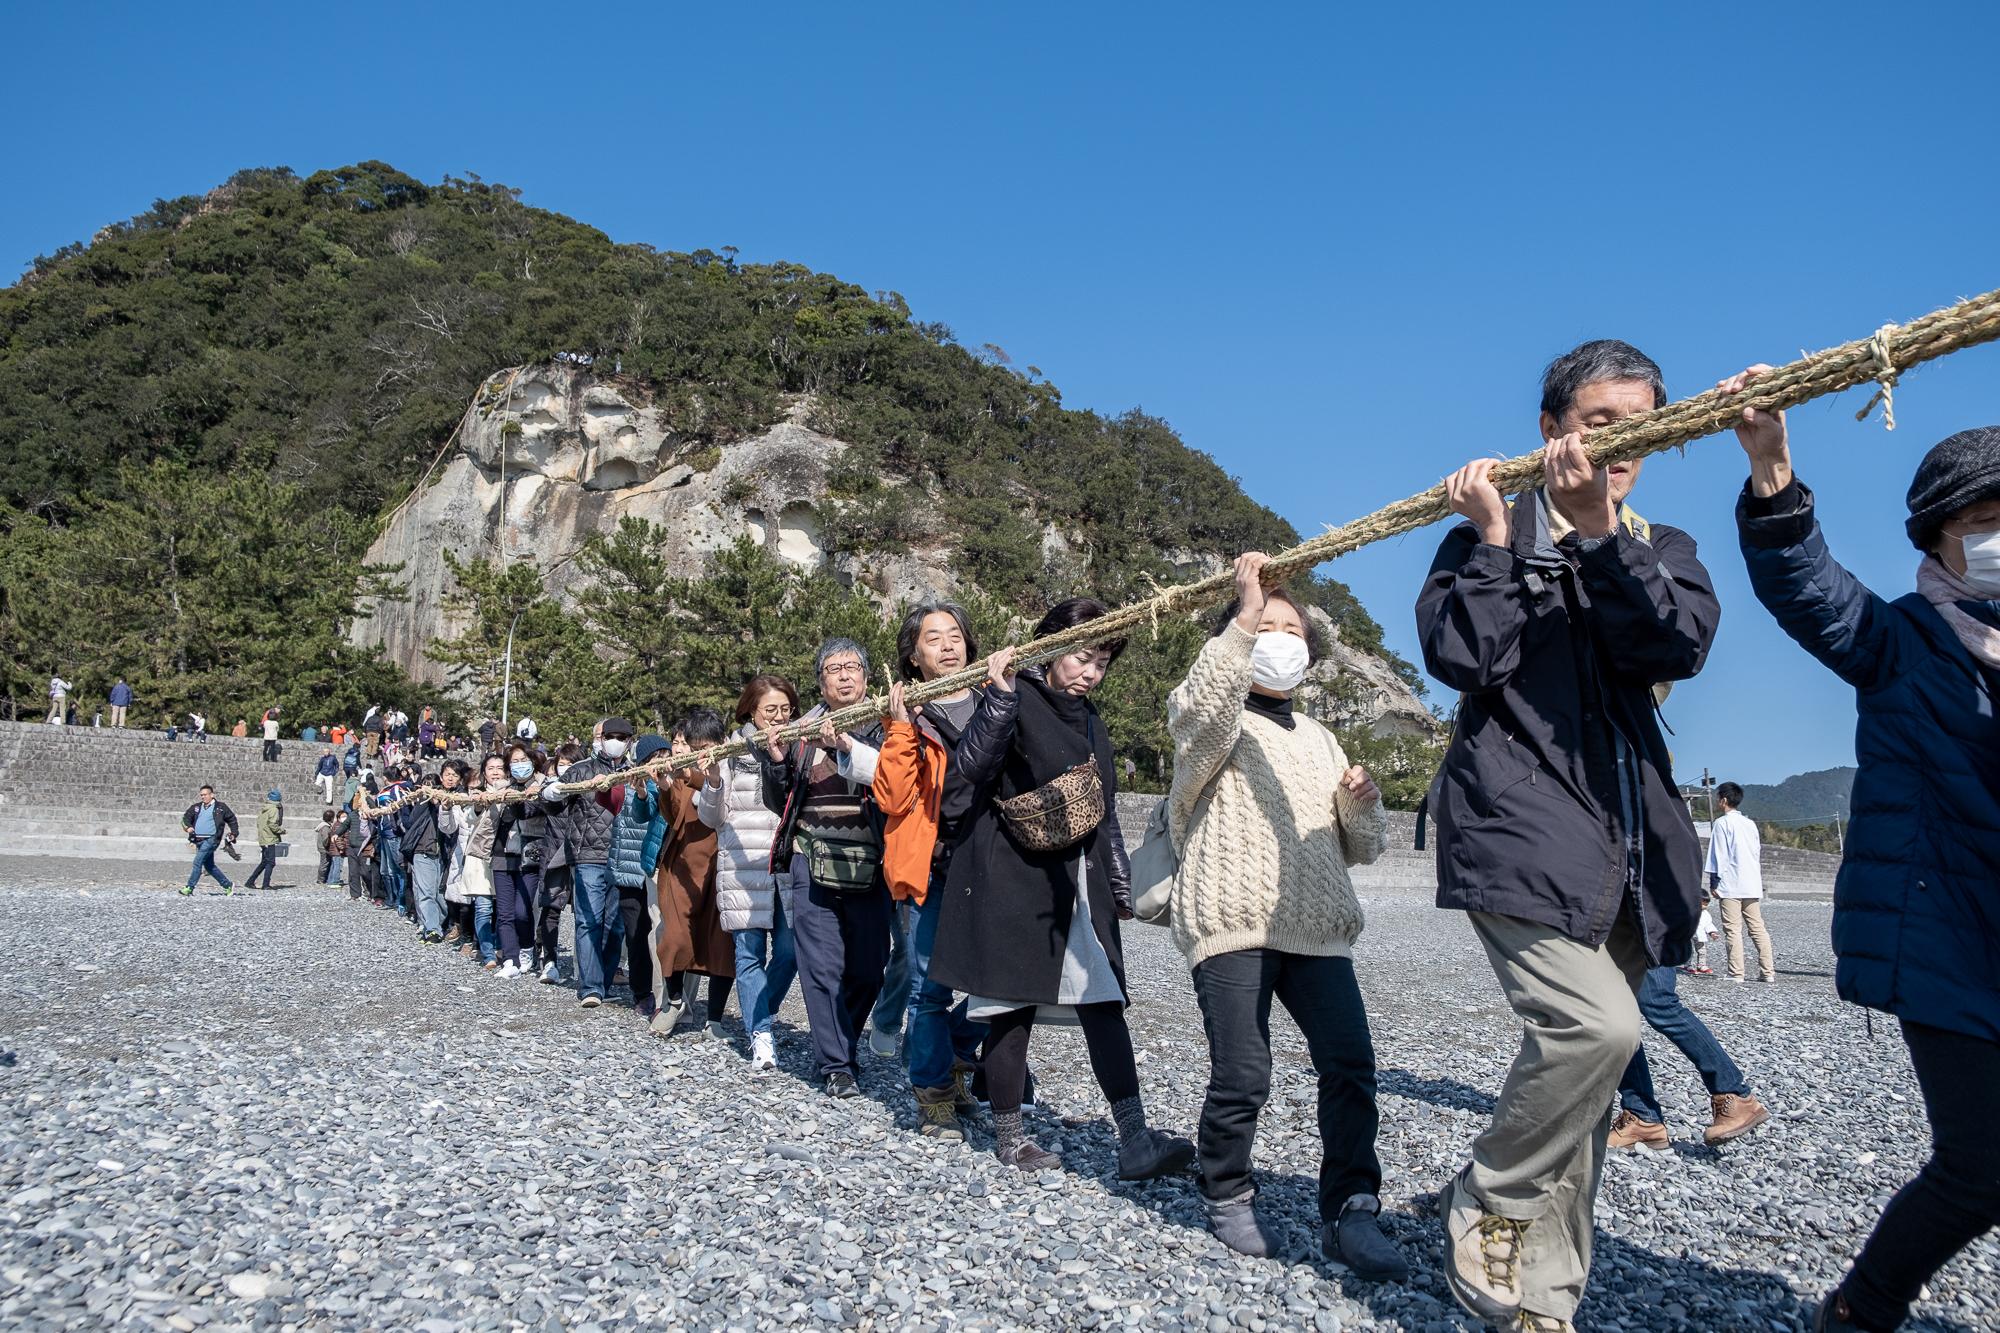 花窟神社の御祭り。 毎年2回、種まきの時期である2月2日と、刈り入れの時期である10月2日にお祭りをする、ということも、日本書記に記されています。